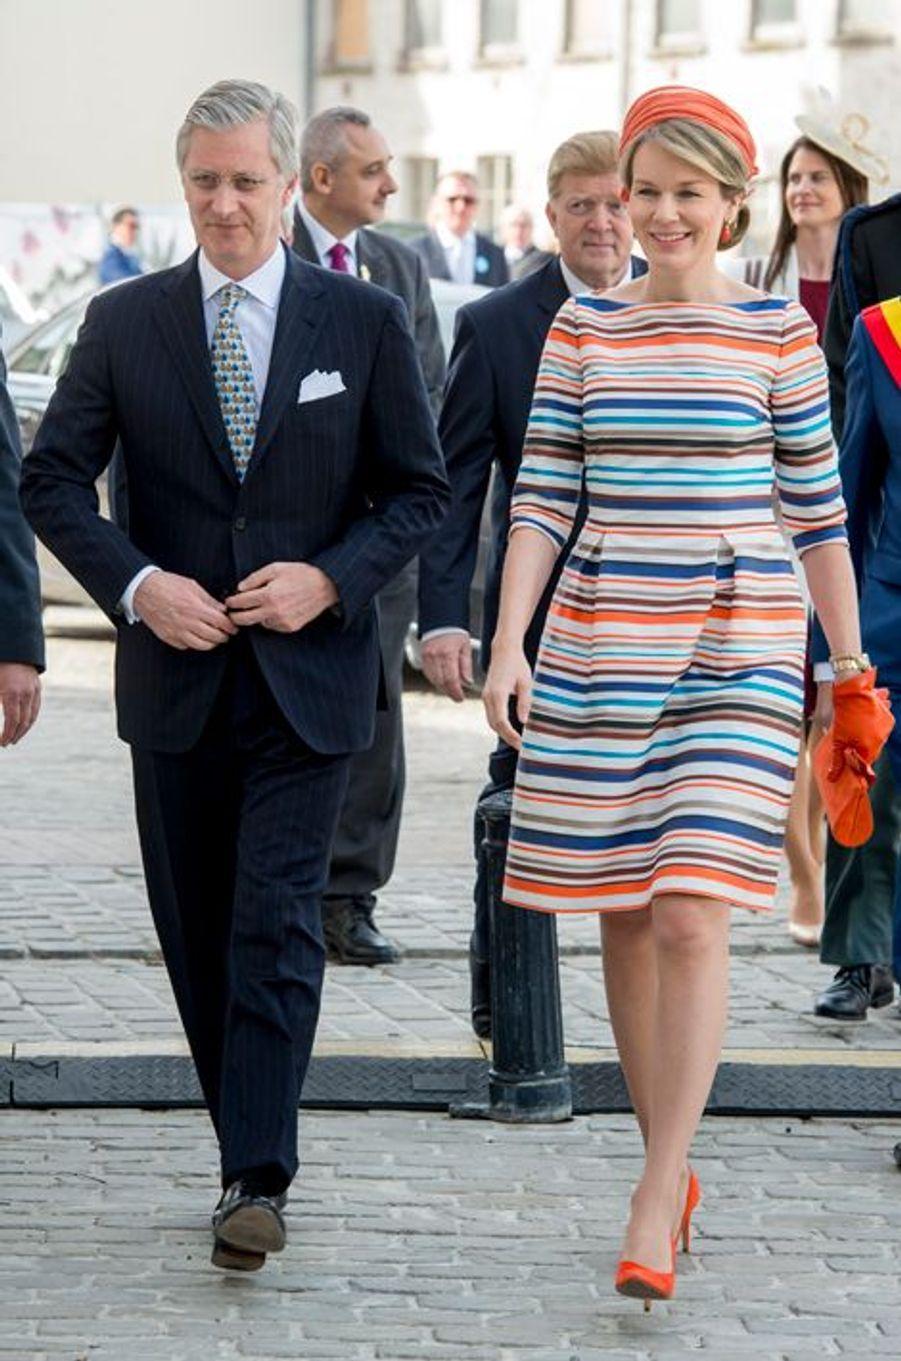 La reine Mathilde et le roi Philippe de Belgique à Gand, le 21 avril 2016